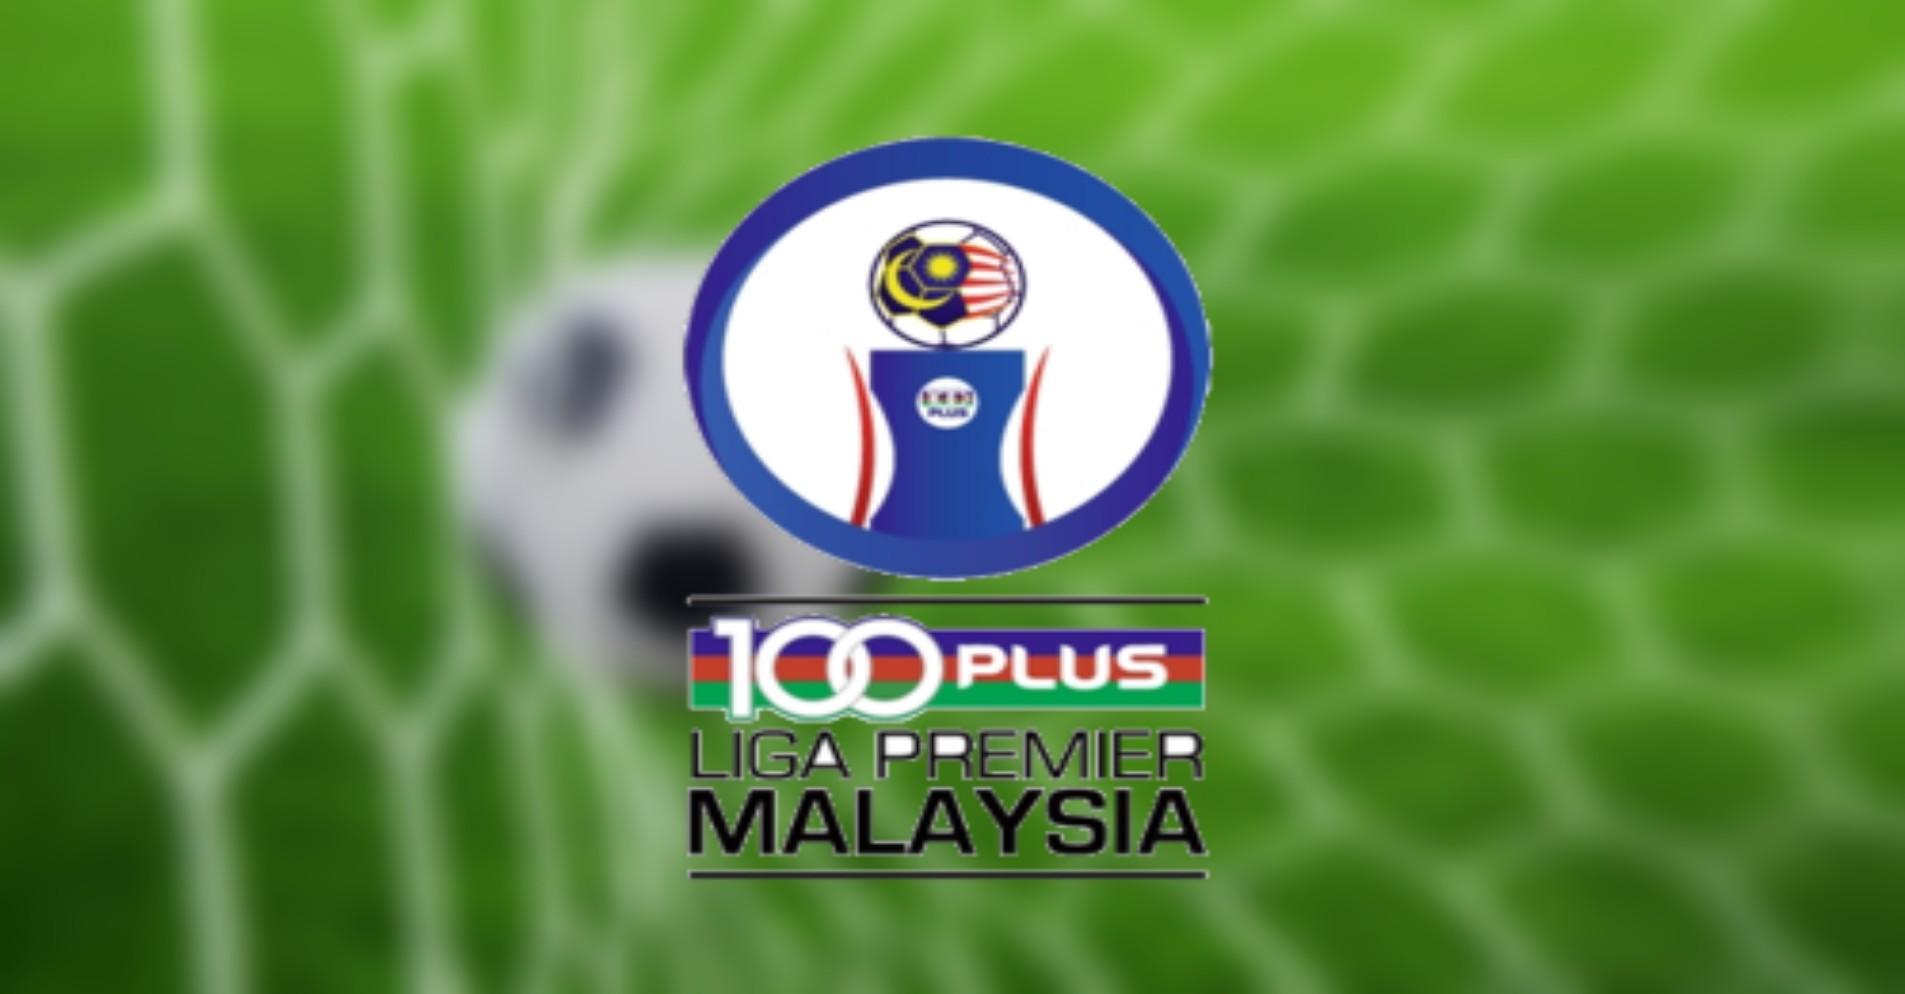 Senarai Penjaring Terbanyak Liga Perdana 2019